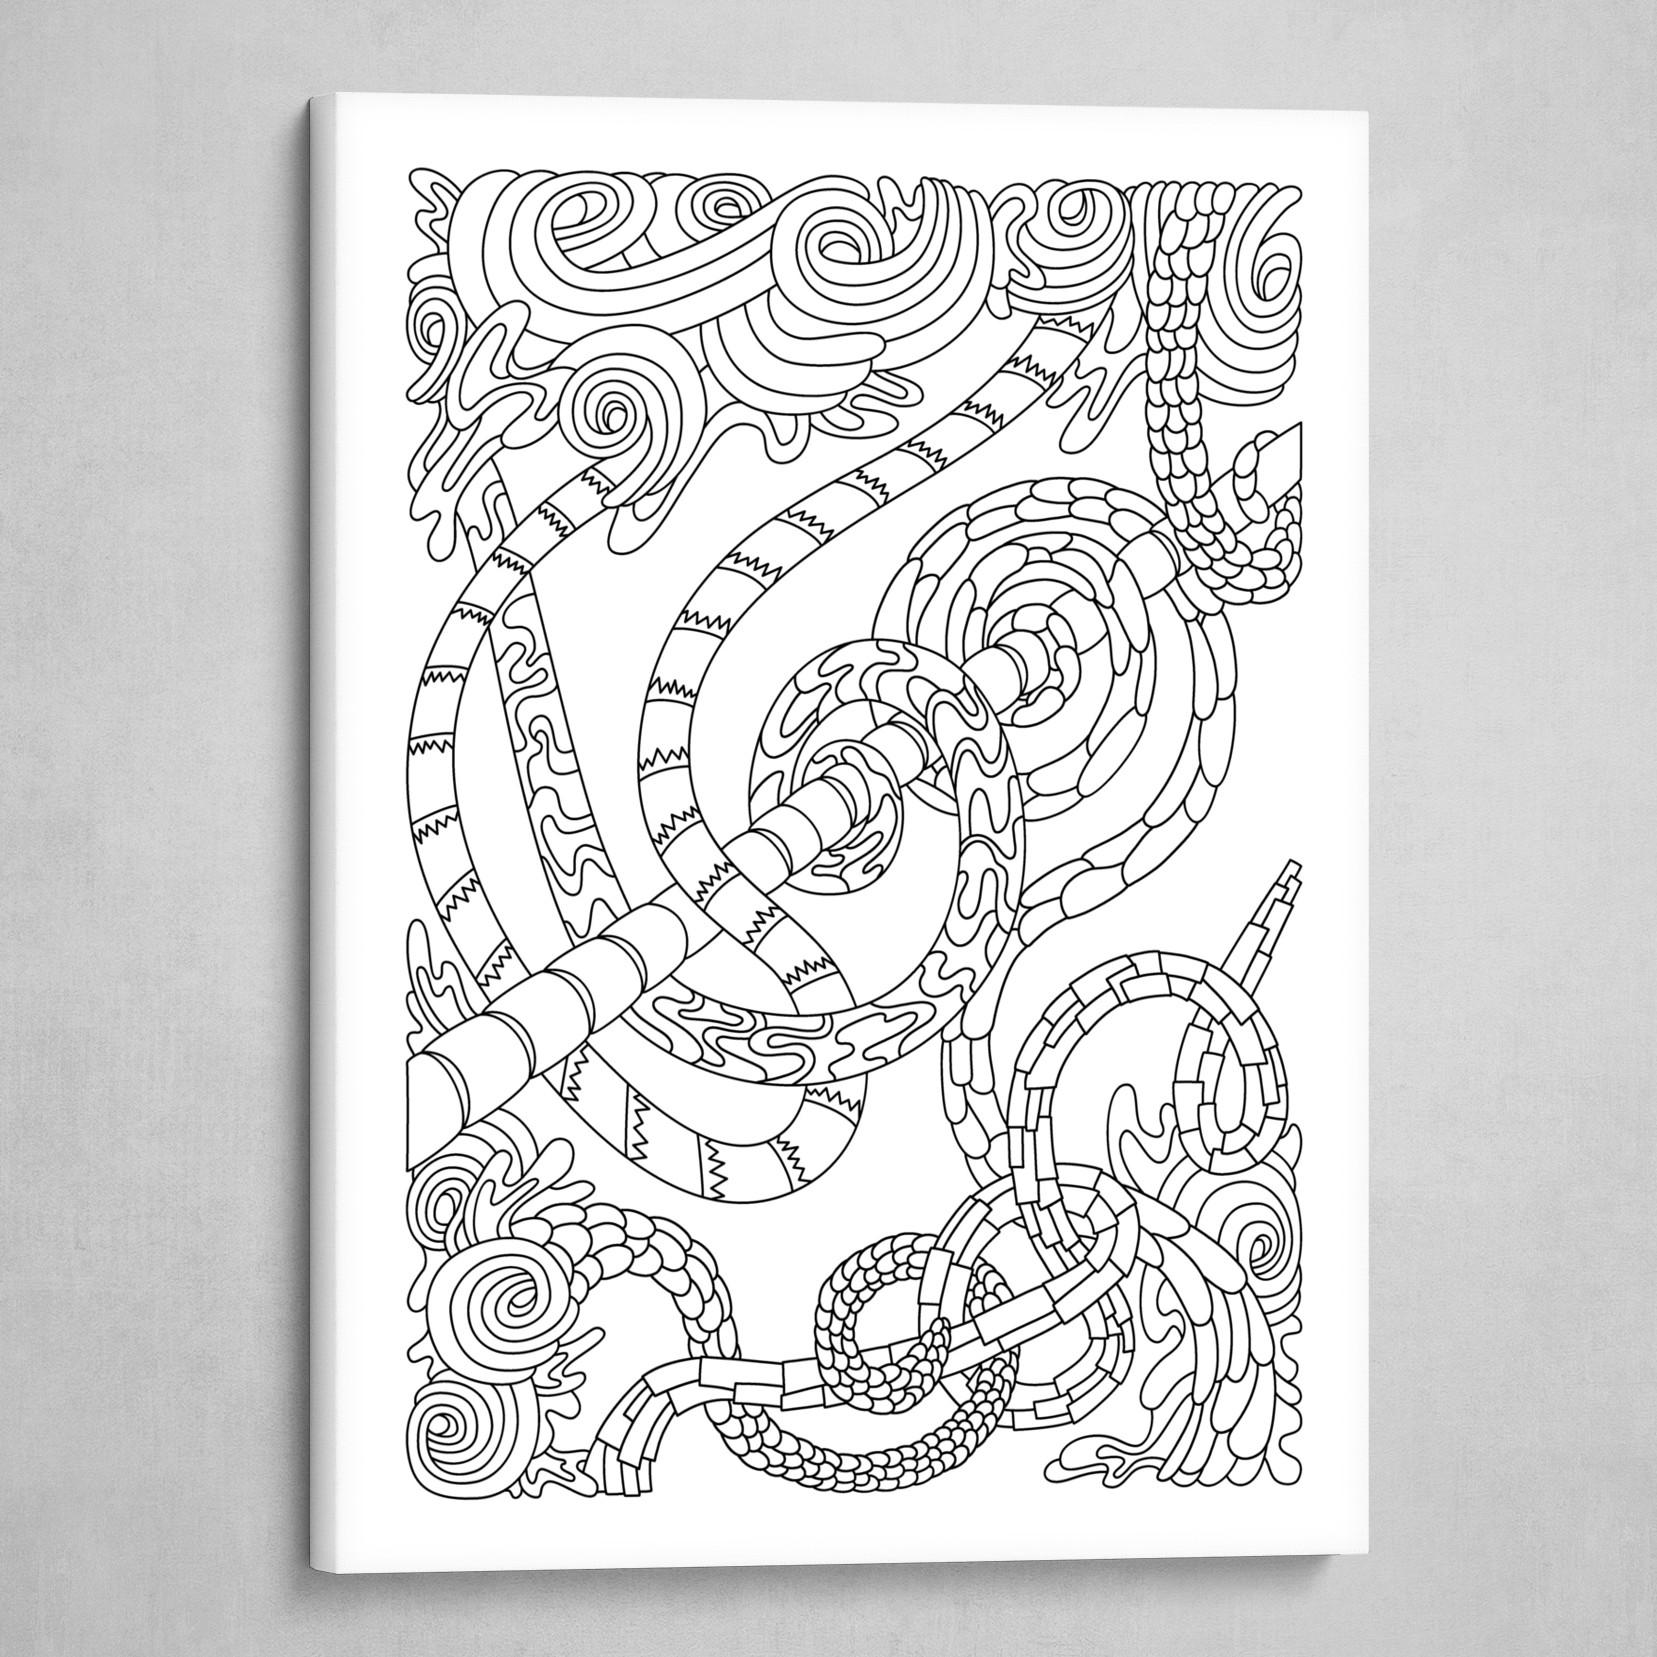 Wandering 46: black & white line art